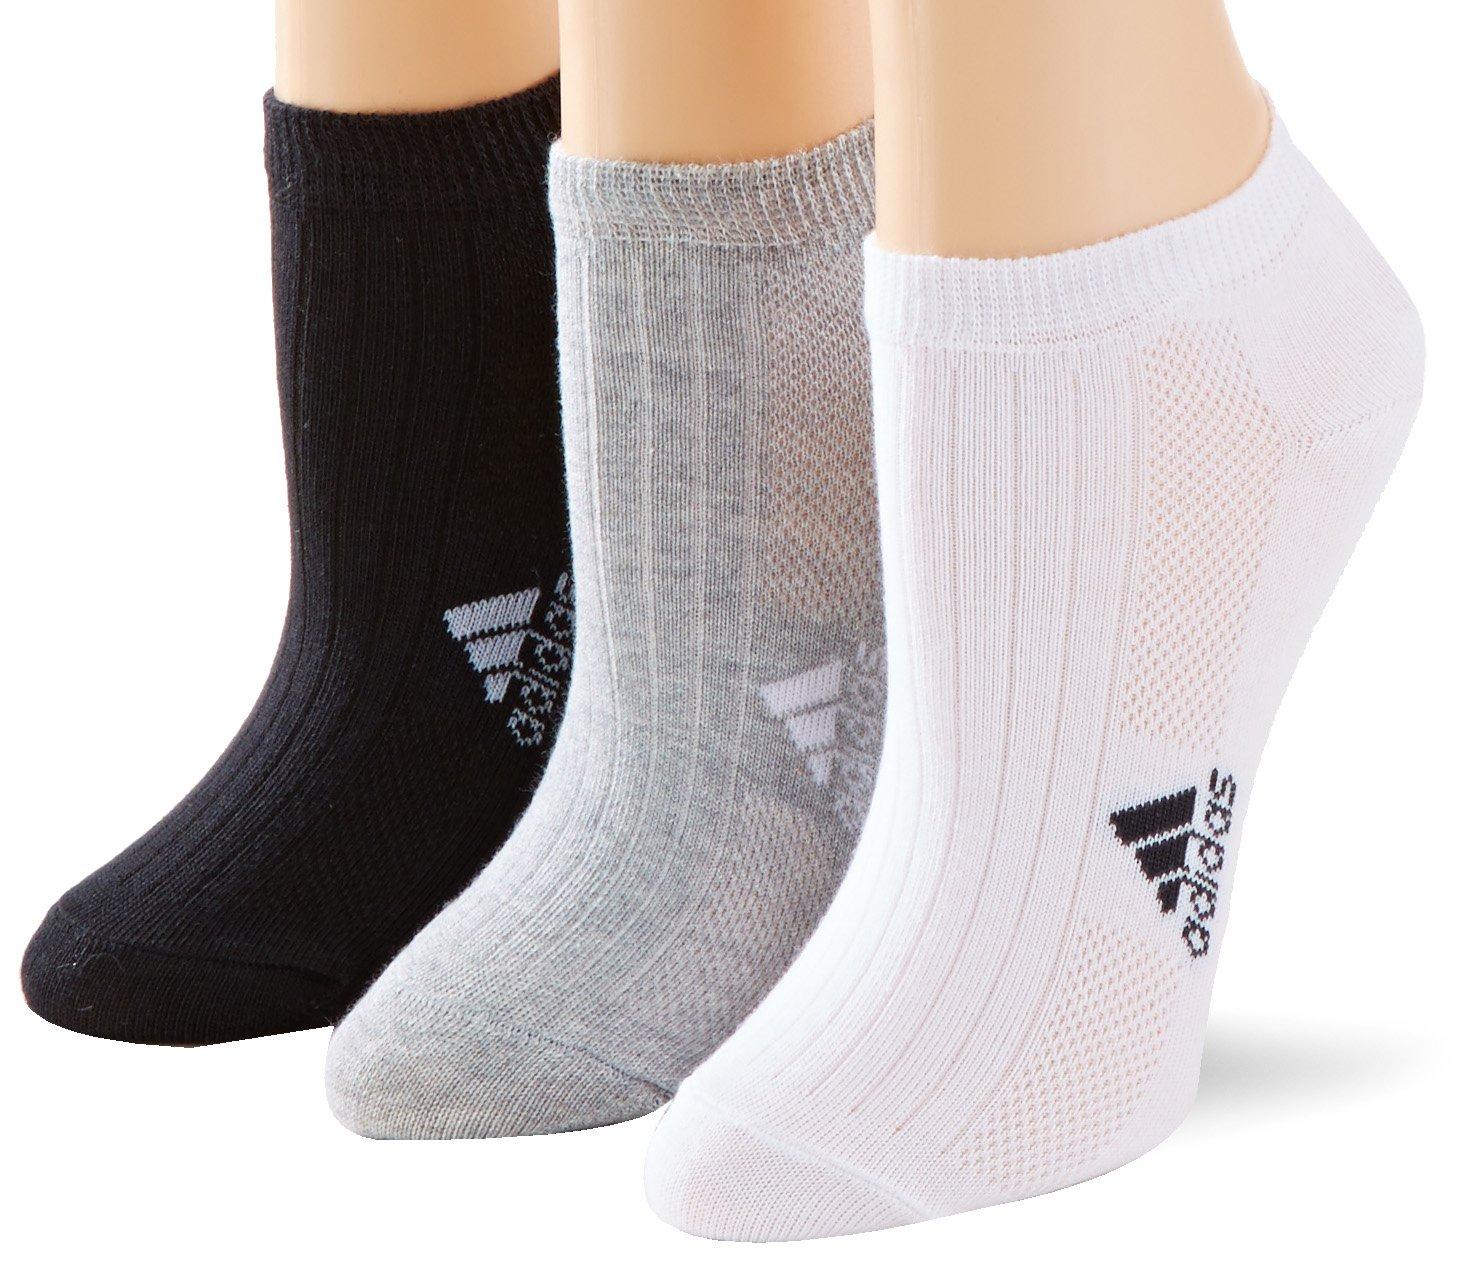 Adidas Liner Ribt Socks 3 Pair Pack Z25998